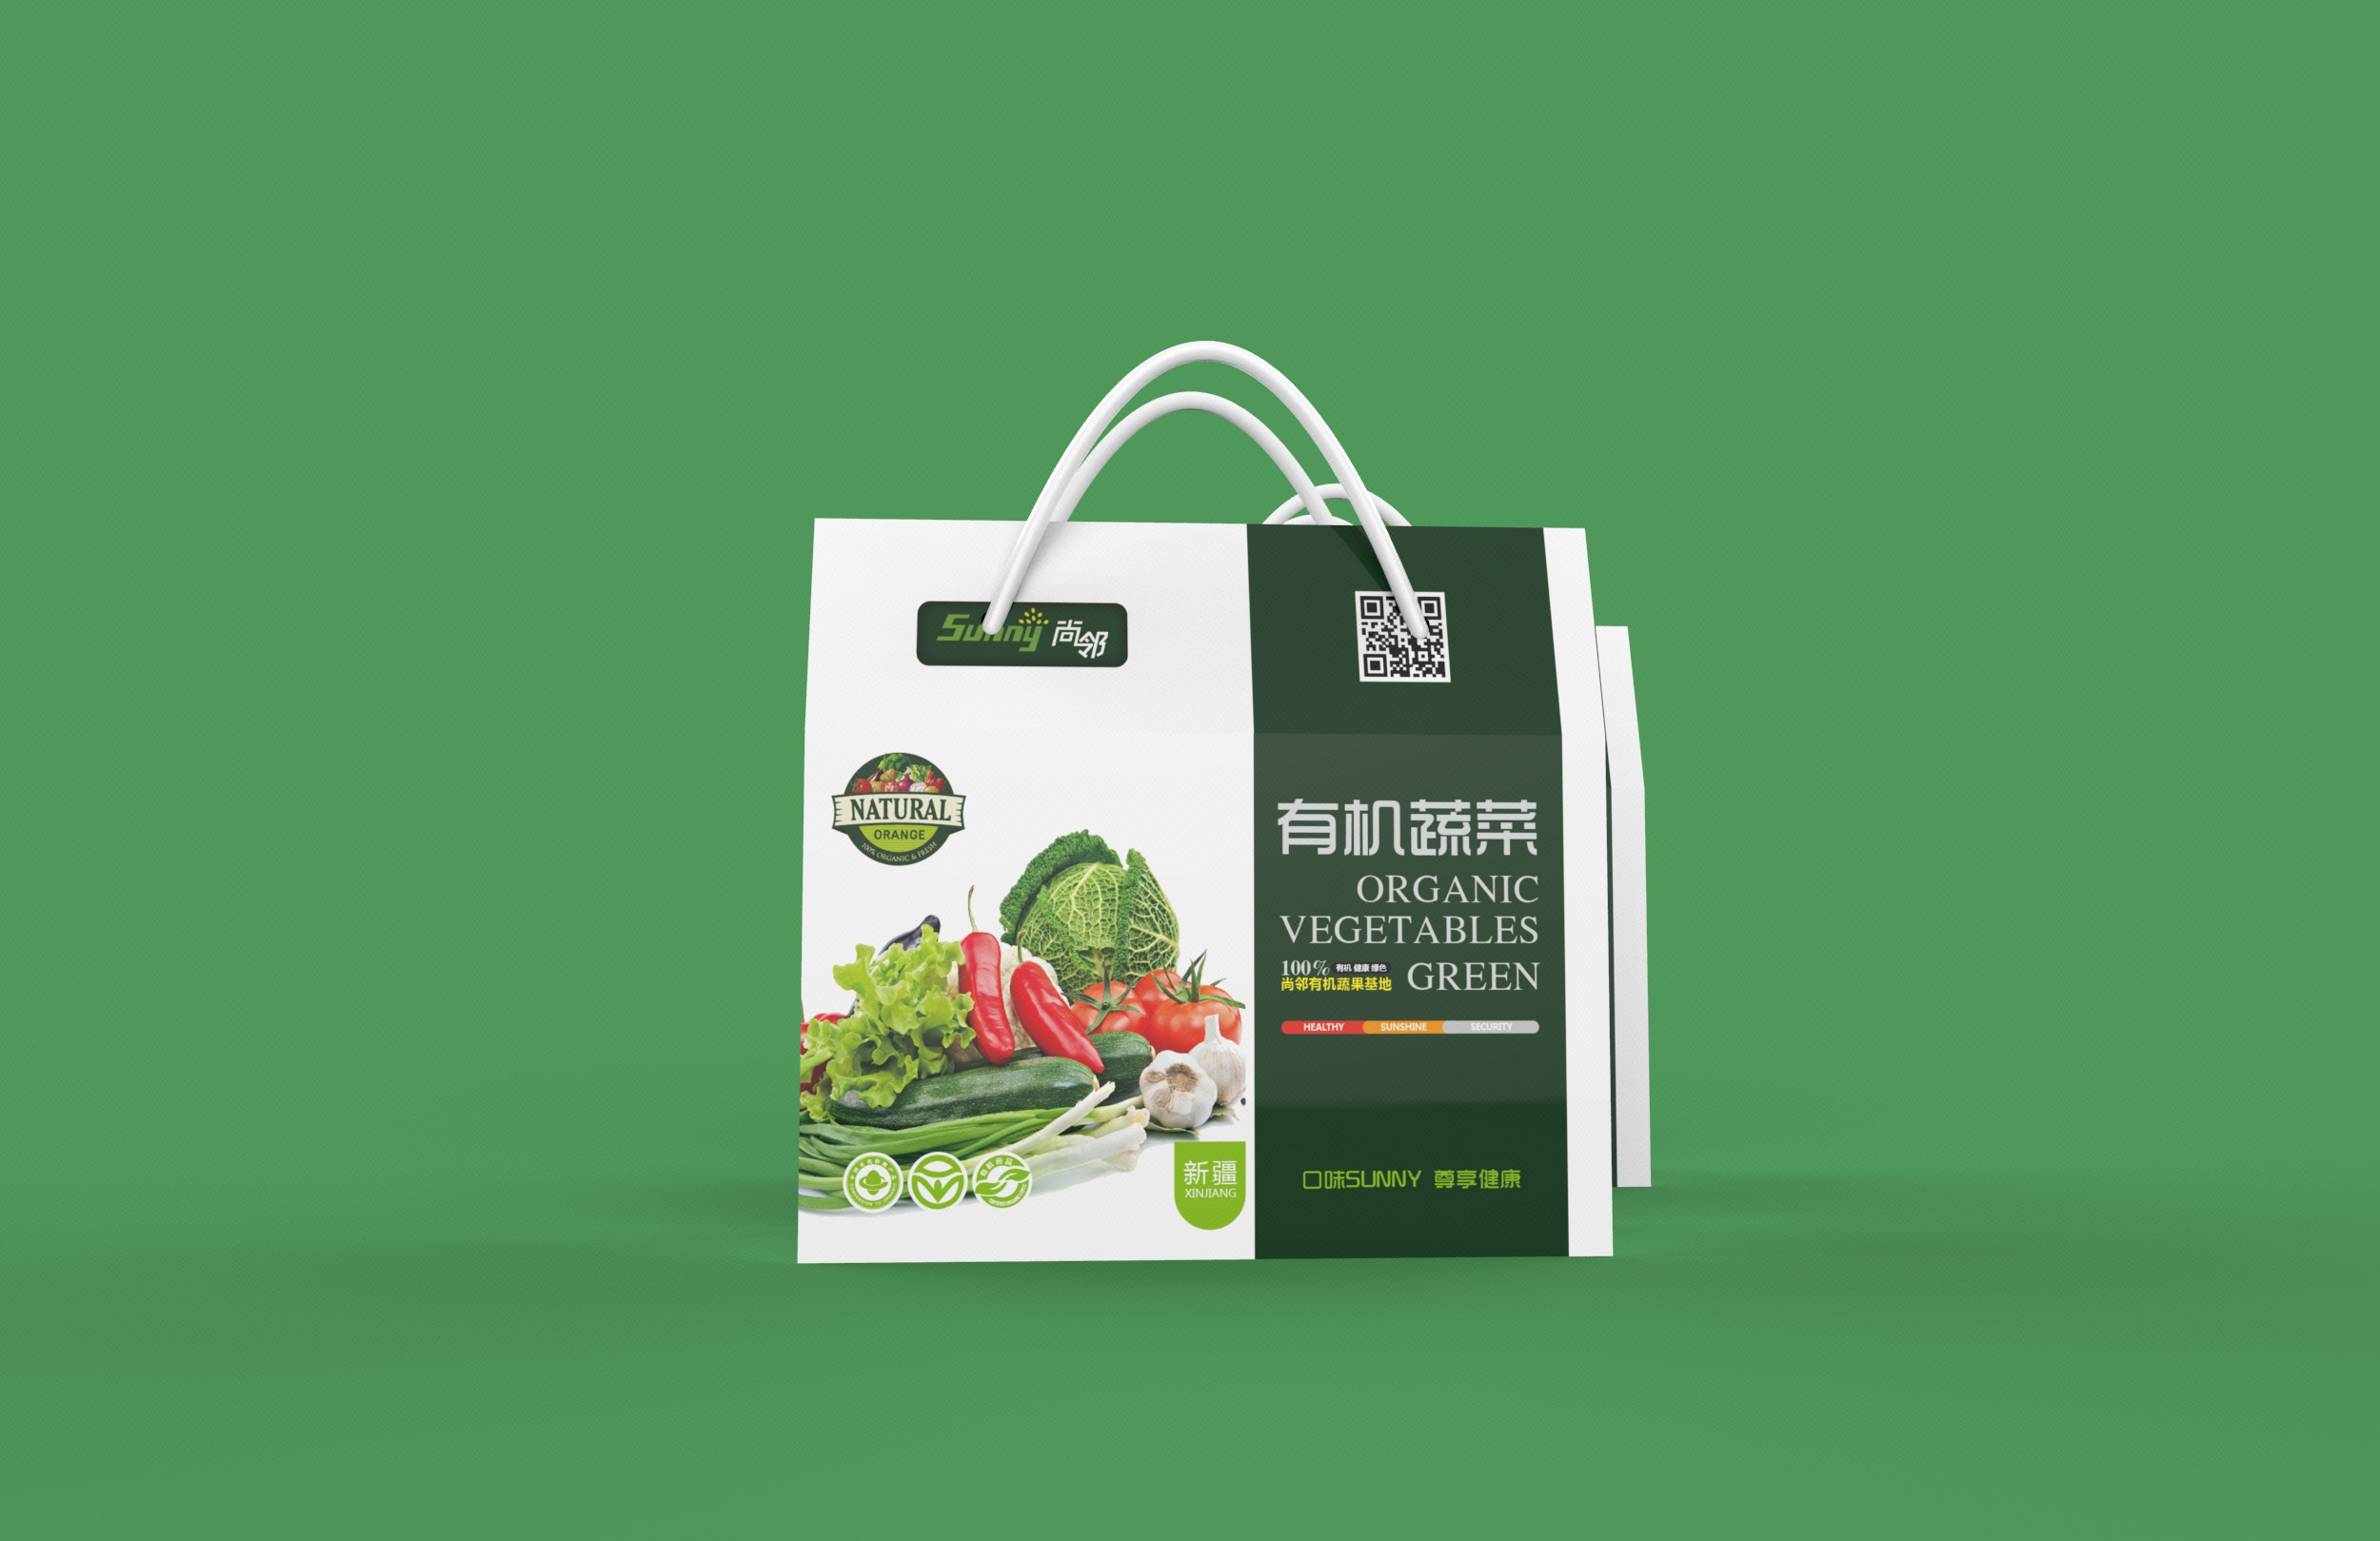 蔬果包装 高档礼品包装设计年货高端礼品精品包装设计高档原创